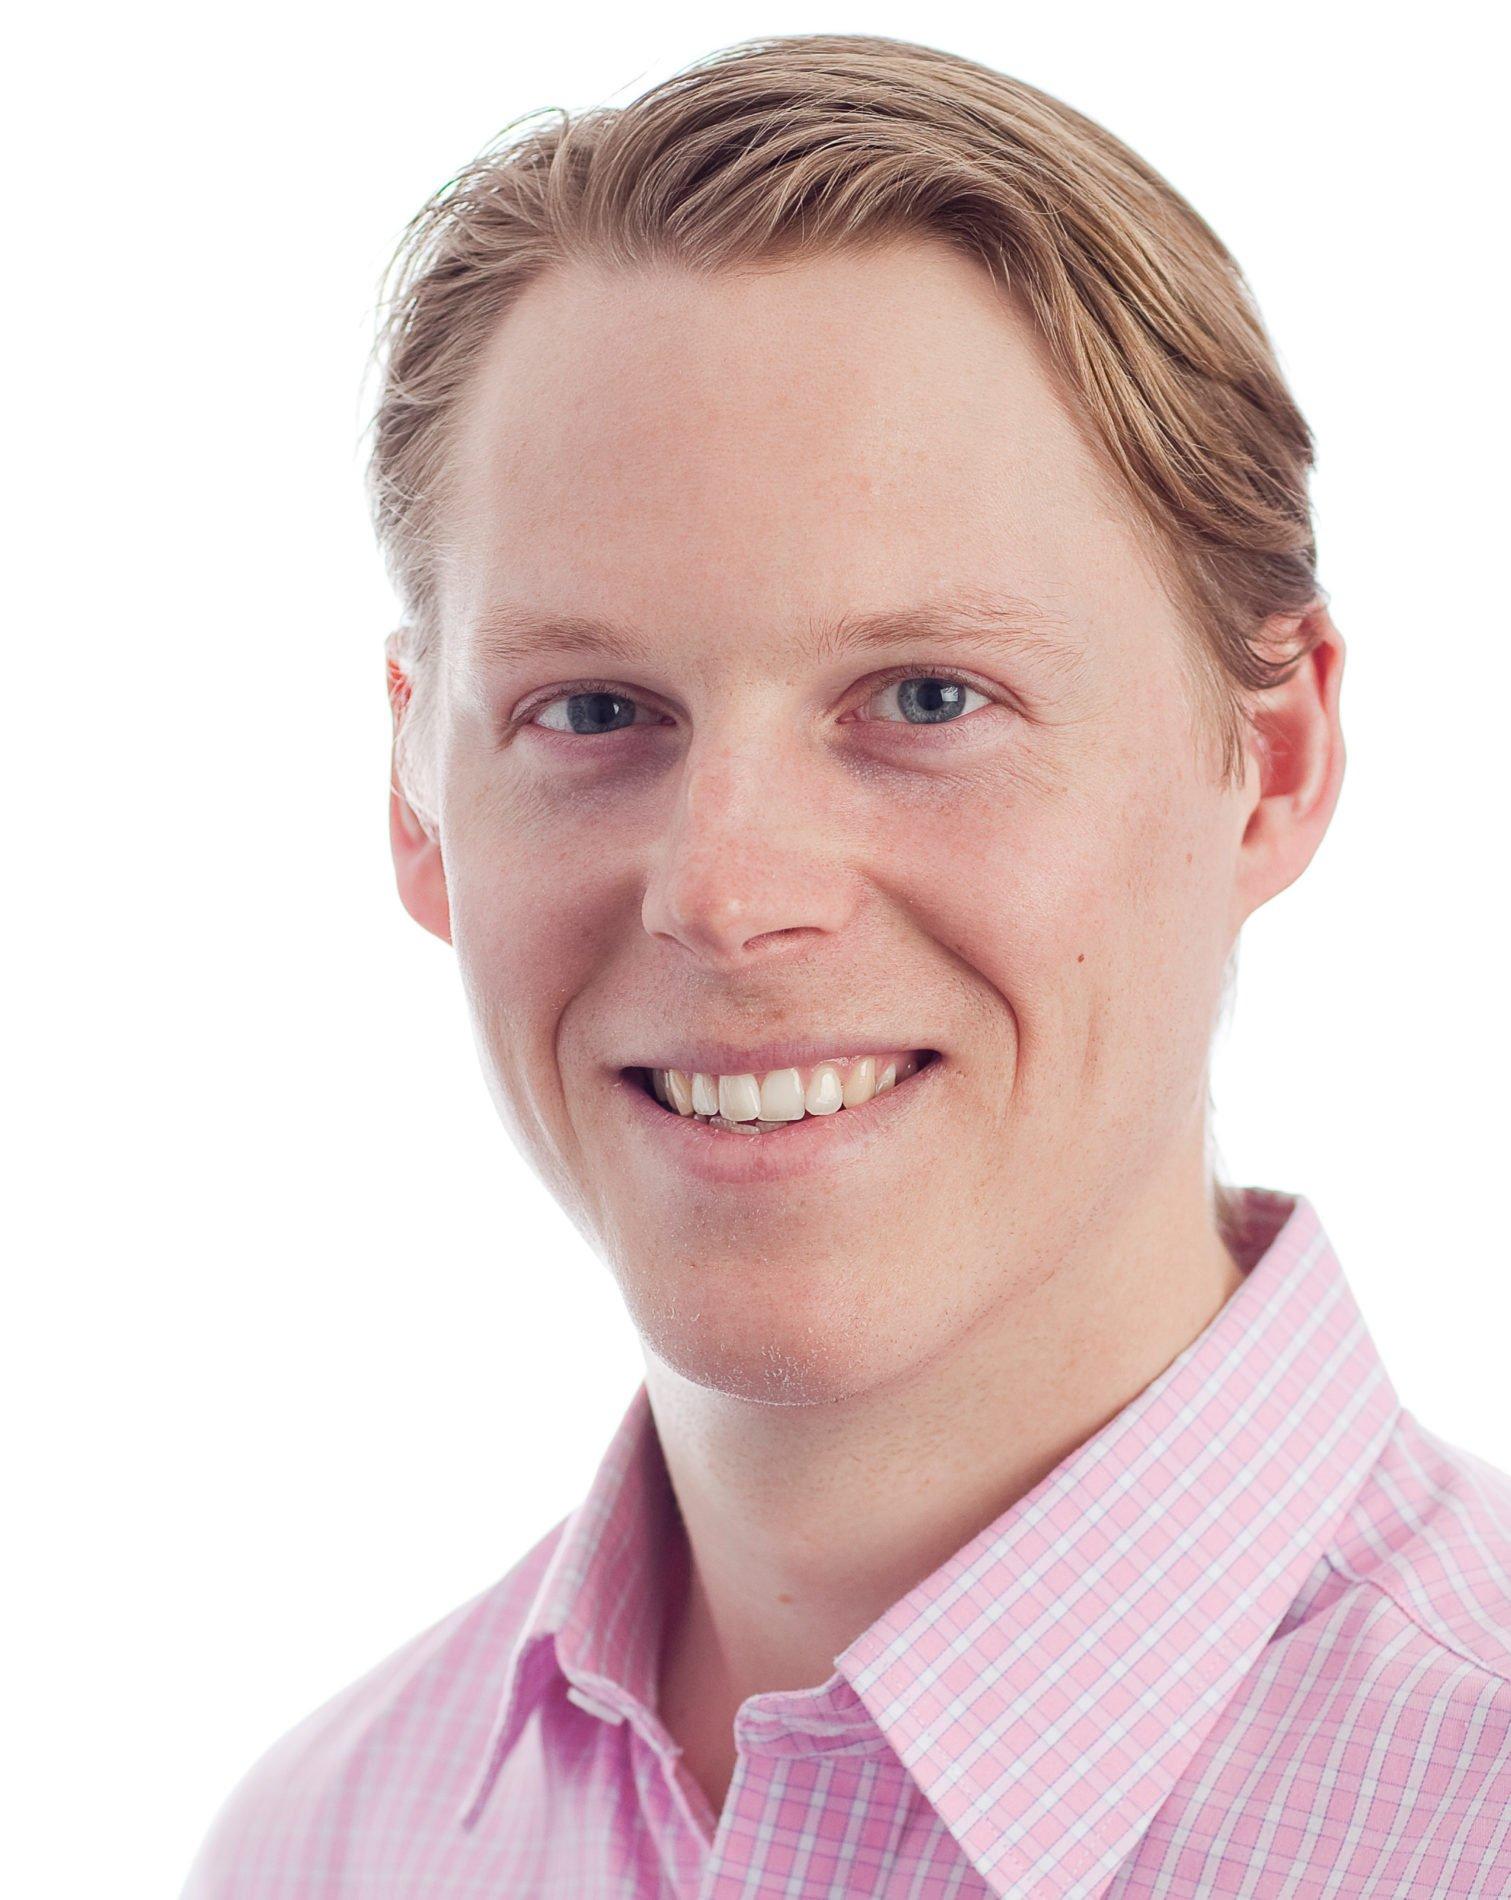 Martin Sandgärde, Vasakronan